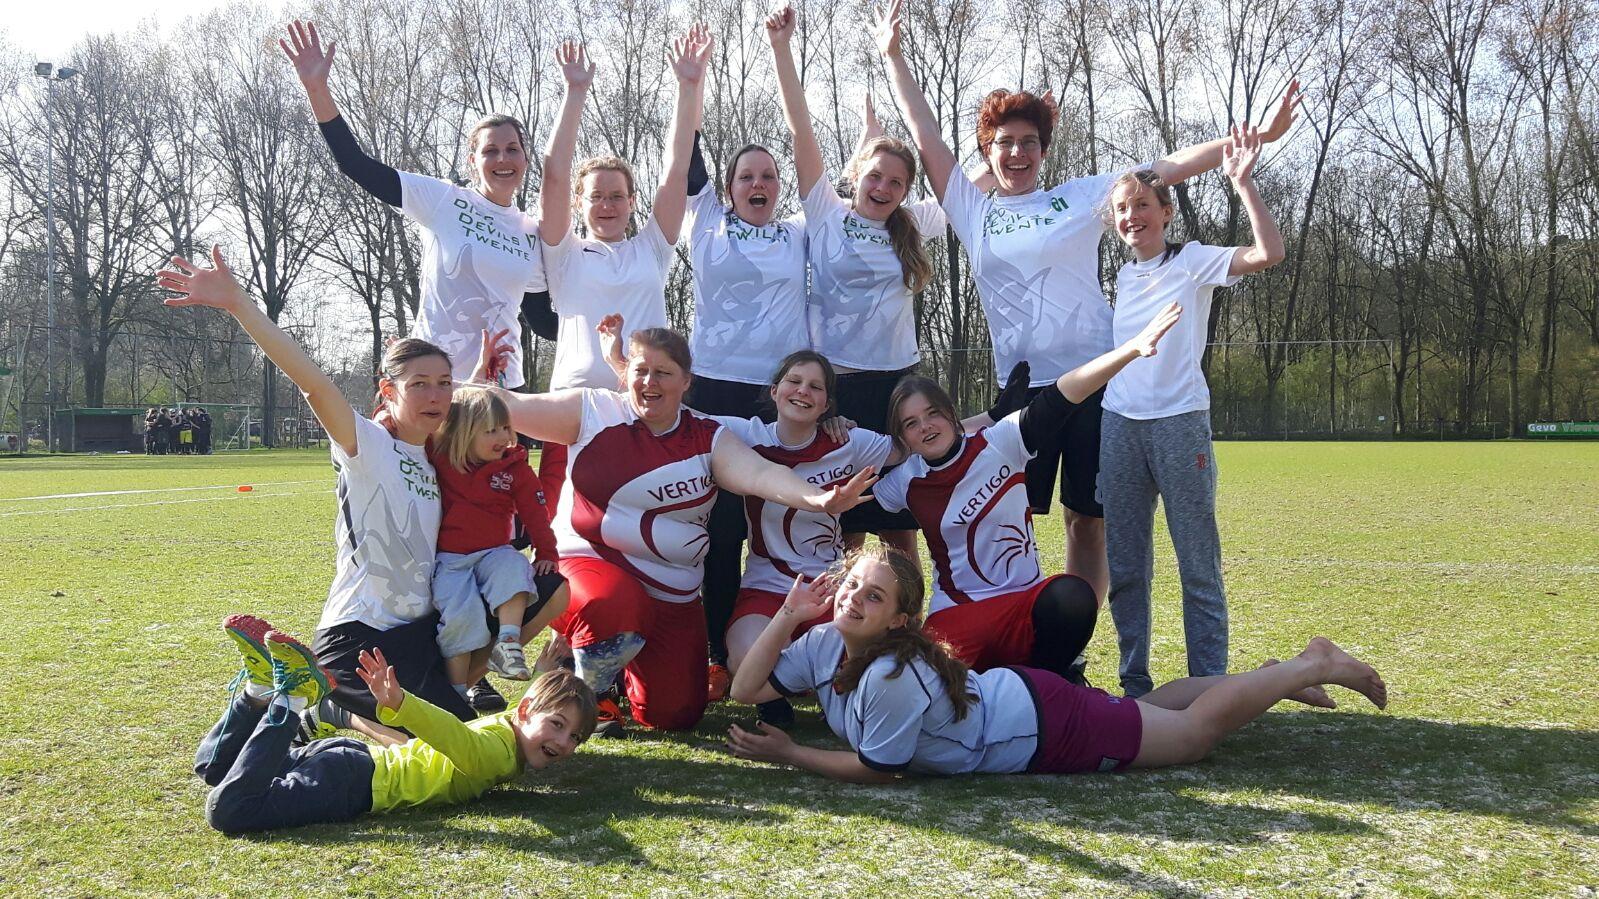 Ultimate Frisbee Damescompetitie Disc Devils Twente Vertigo Verslag damescompetitie Utrecht 26 maart 2017